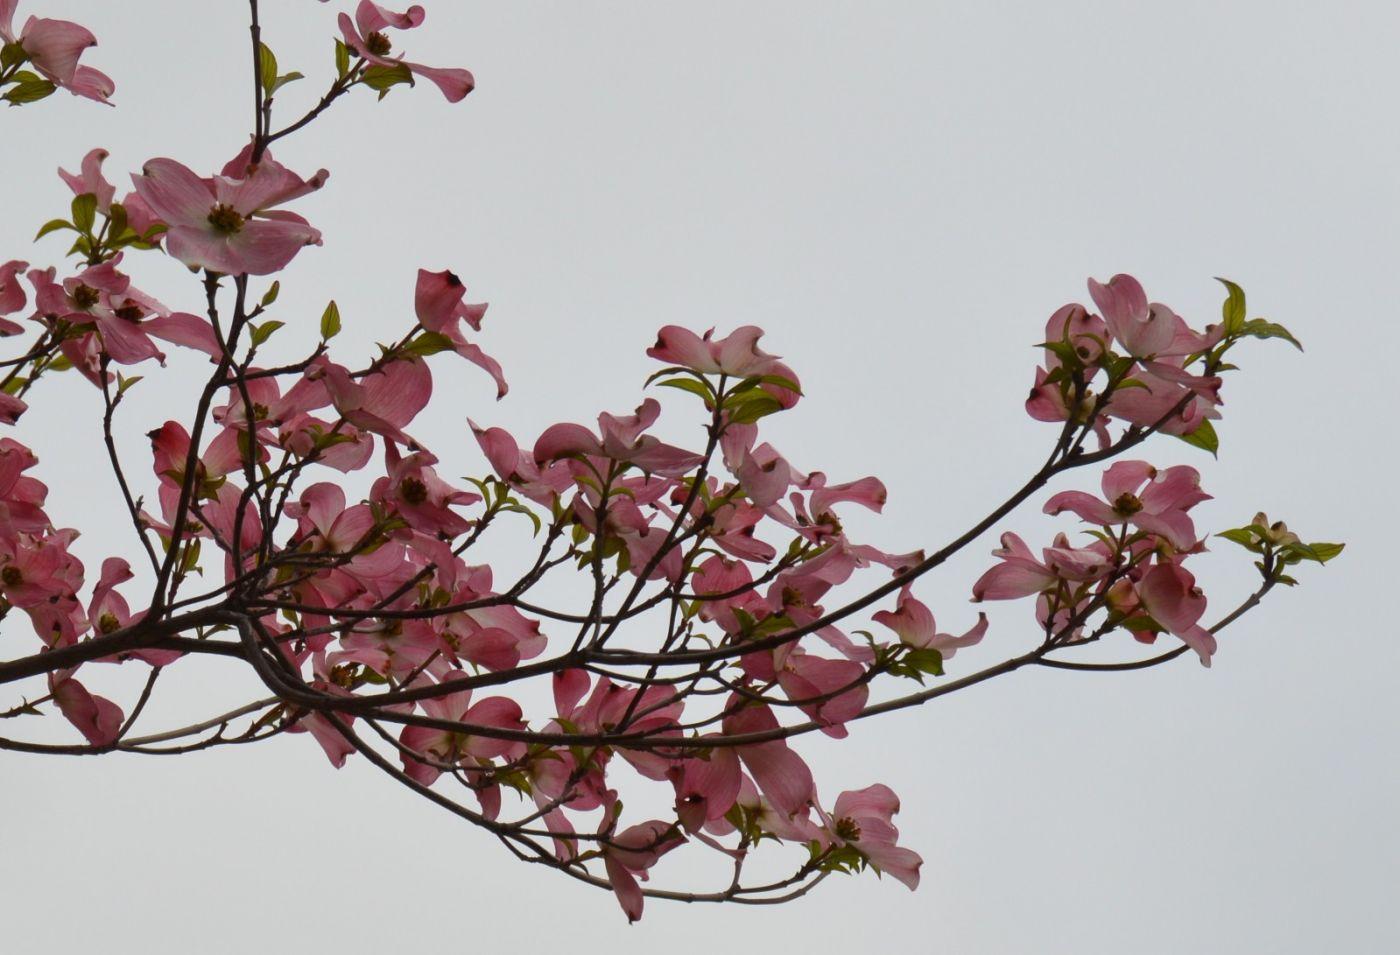 花草图谱 (10)_图1-7